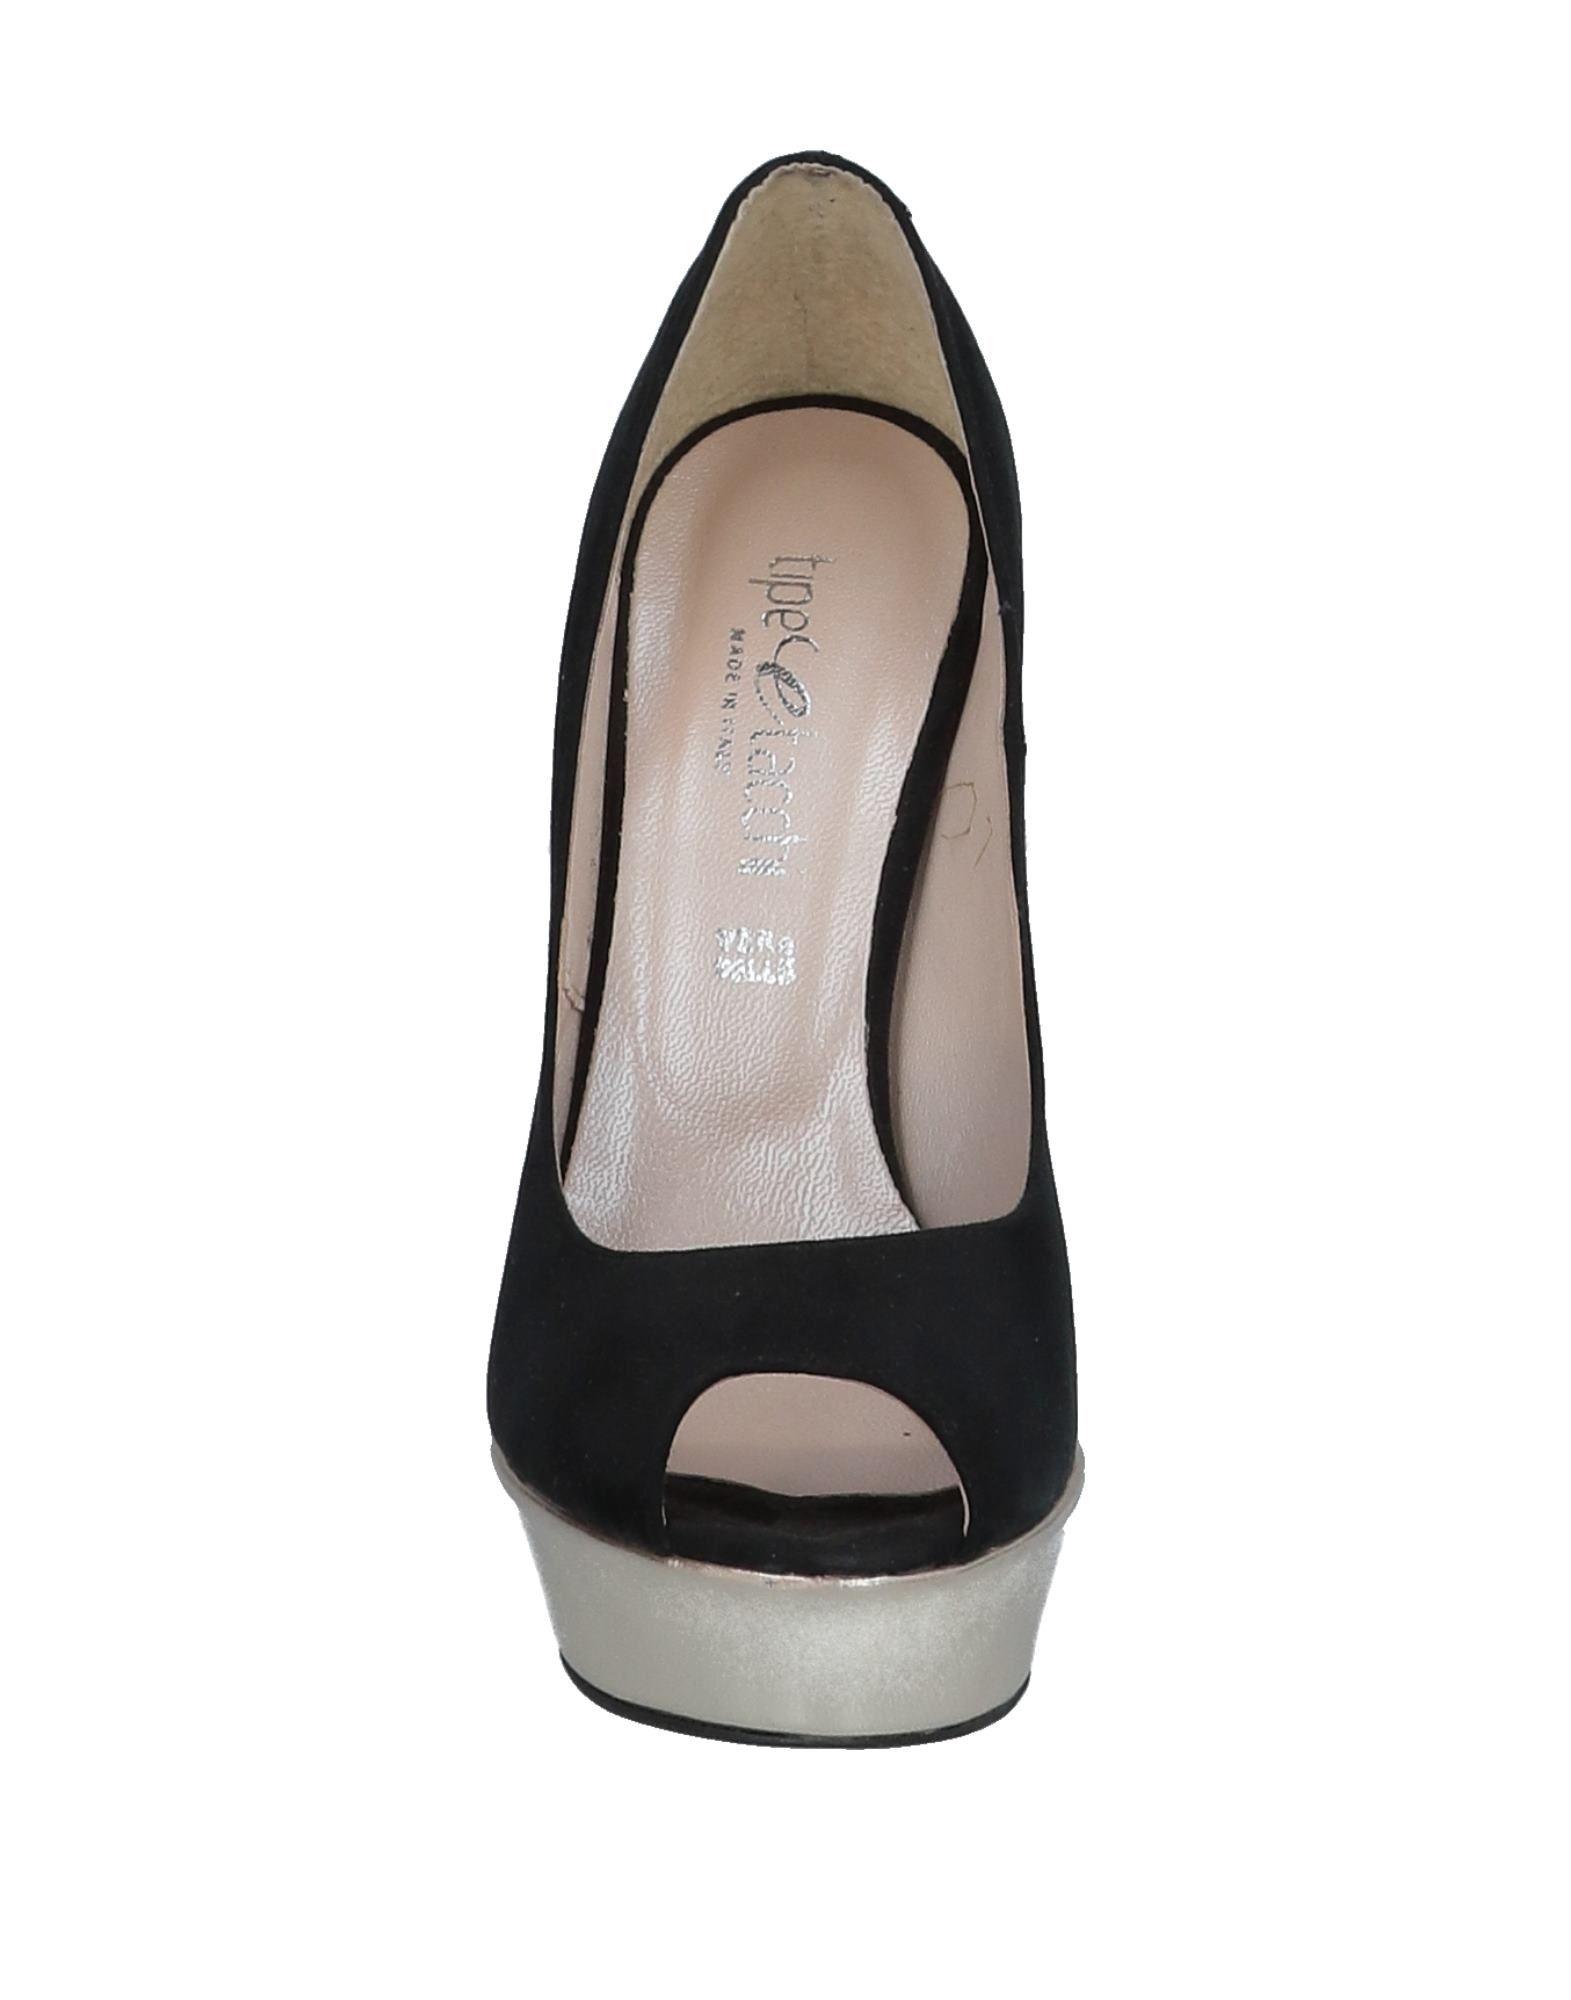 Gut um Pumps billige Schuhe zu tragenTipe E Tacchi Pumps um Damen  11532915IU 996e79